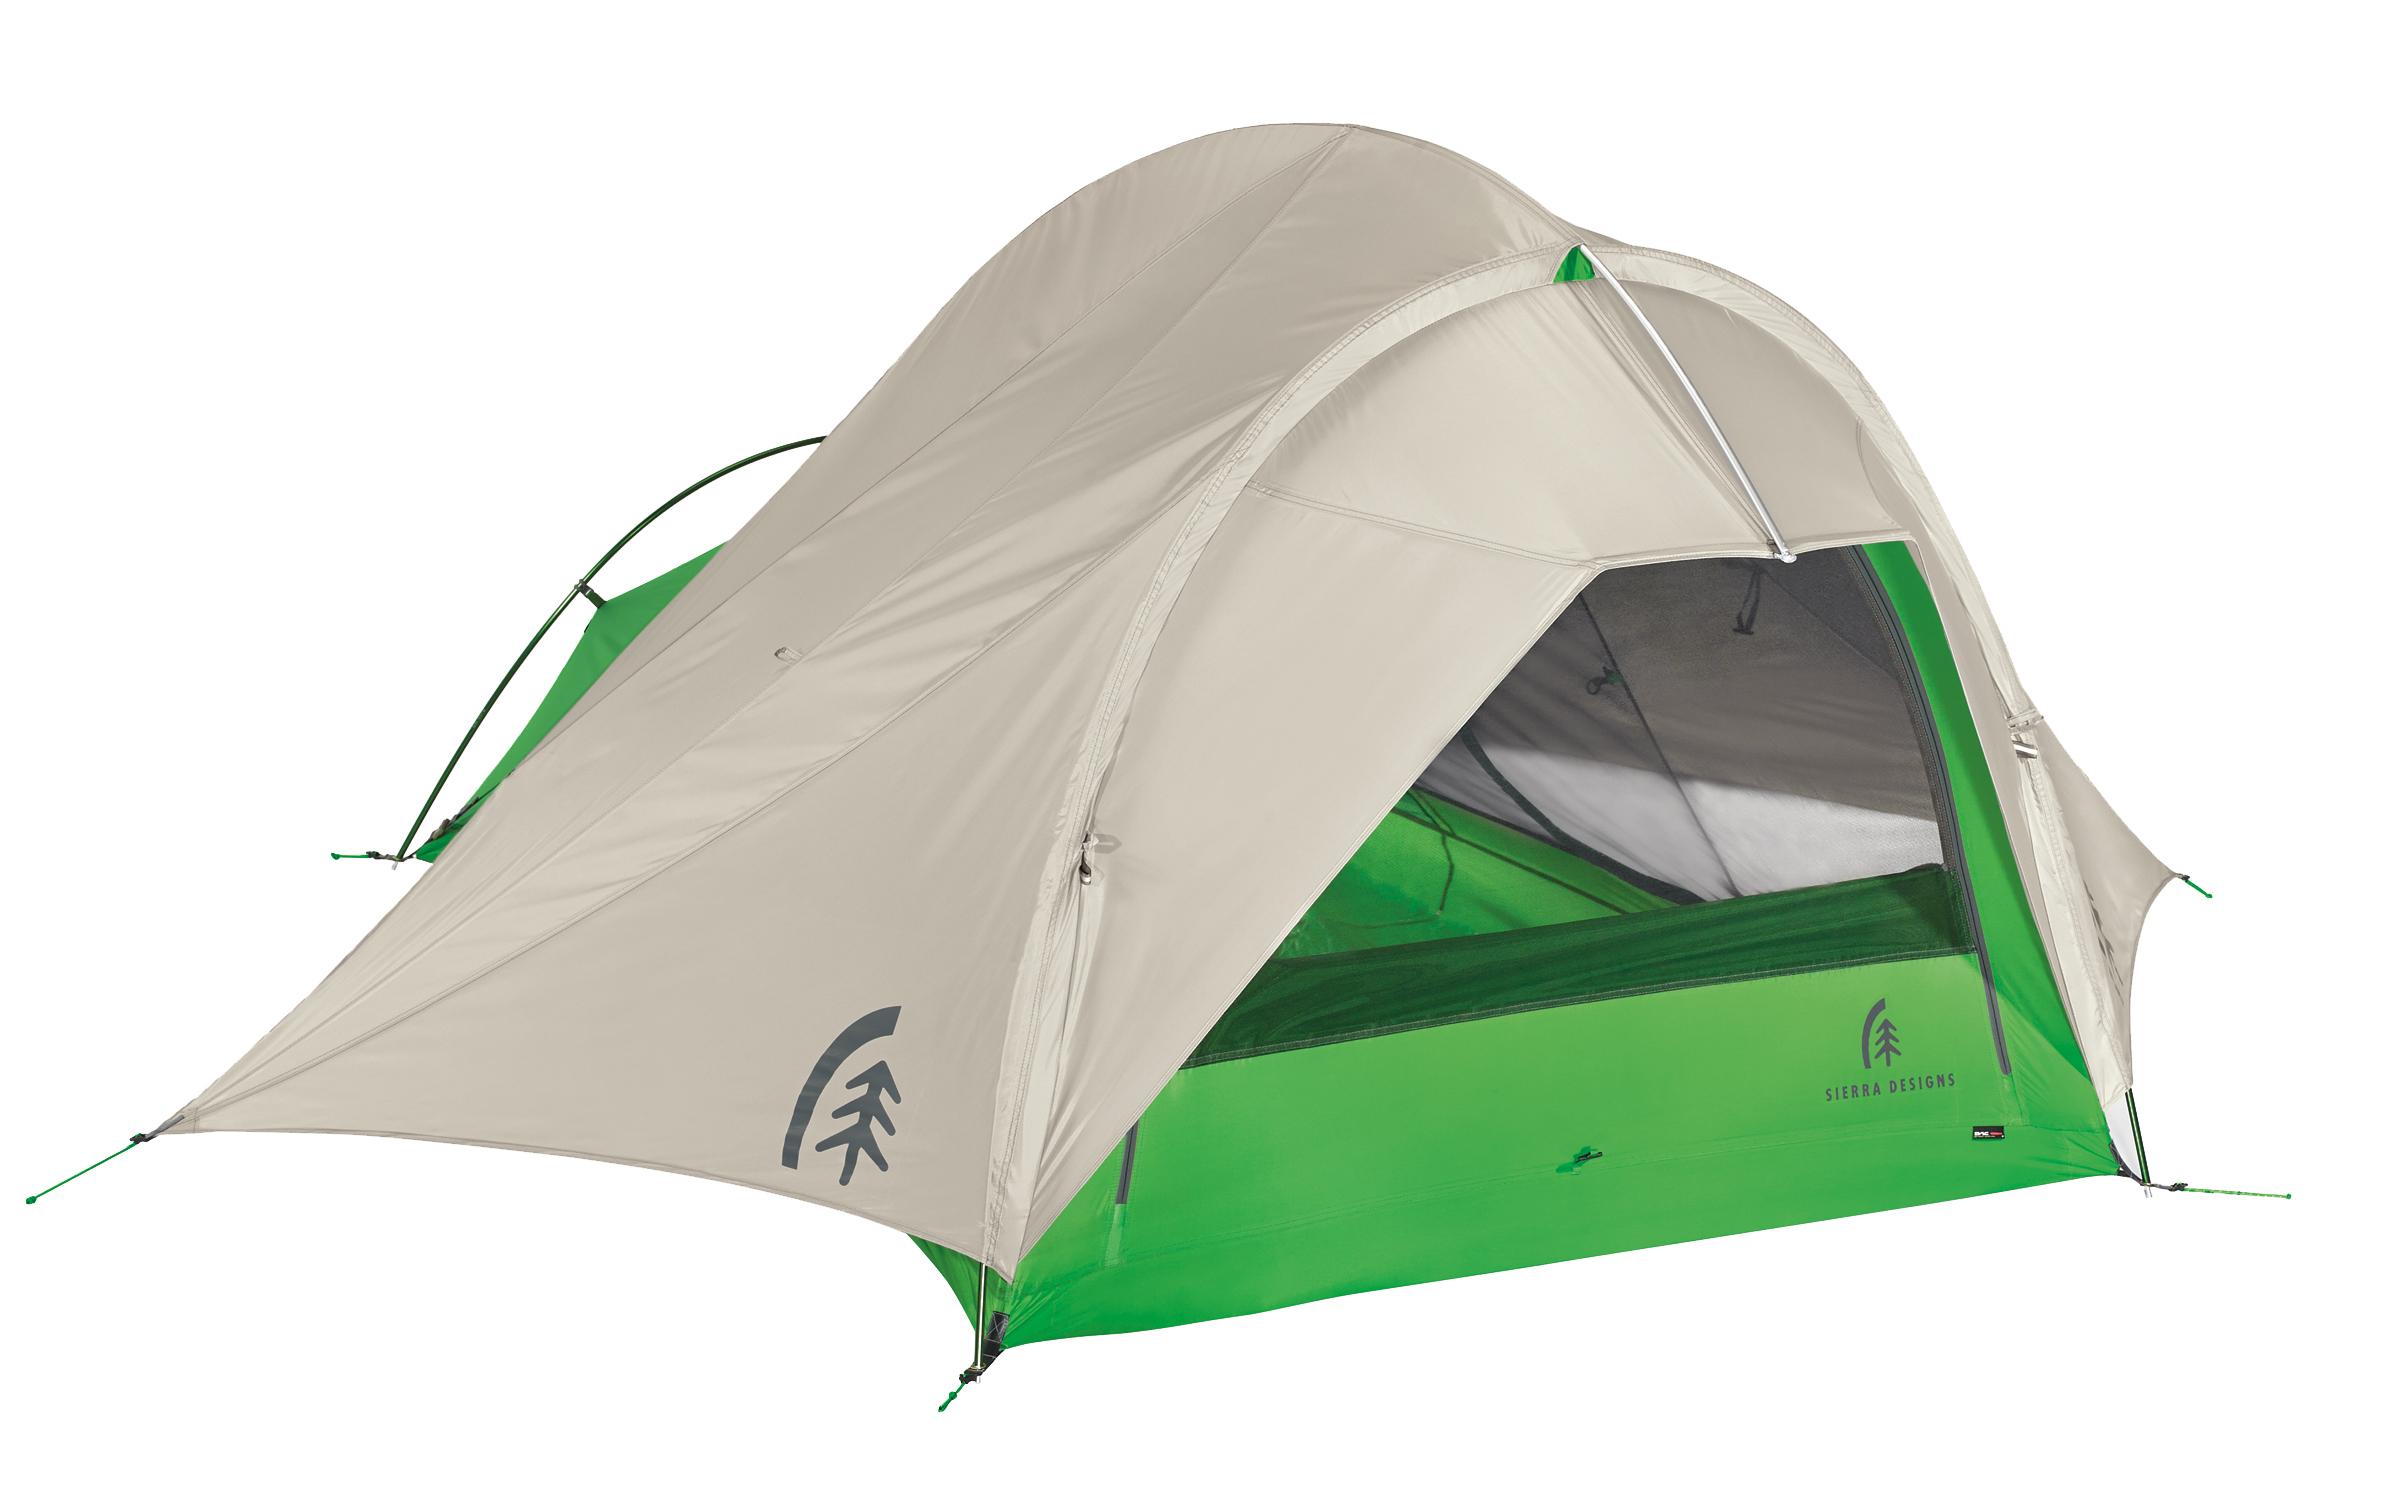 sc 1 st  MEC & Sierra Designs Nightwatch 2 Tent